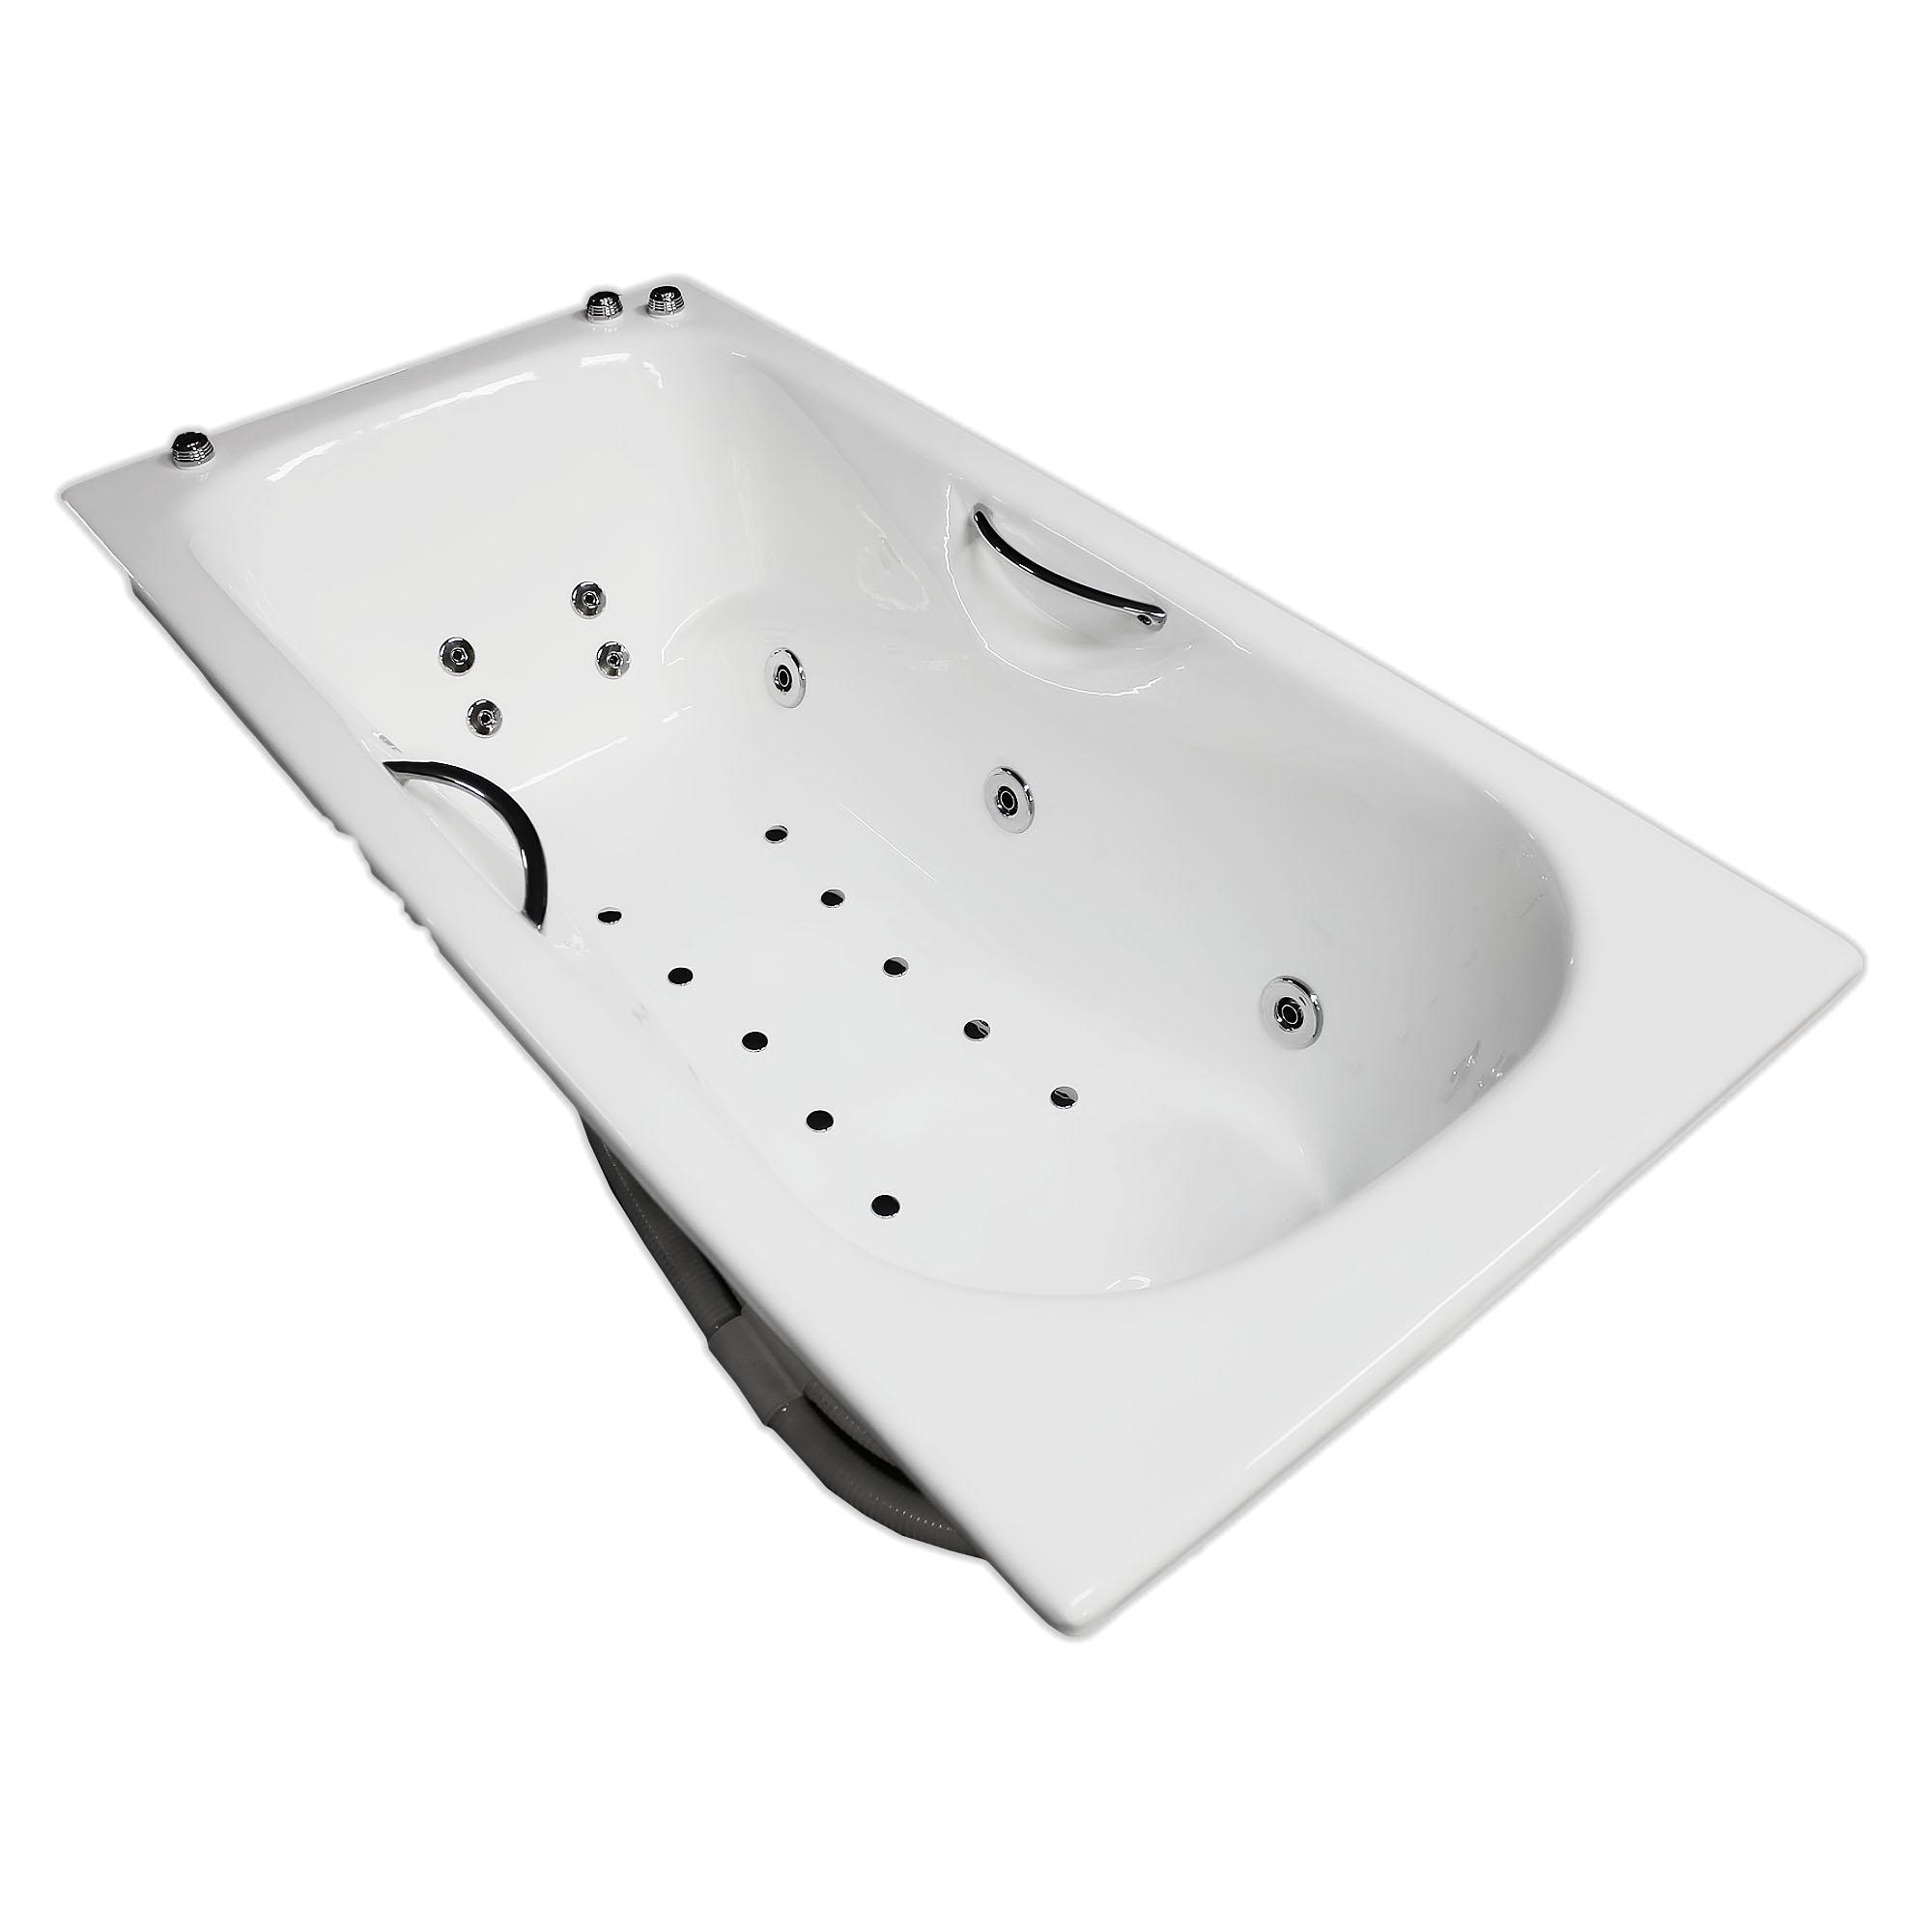 Ванна Artex Mali 150x75 с гидромассажем